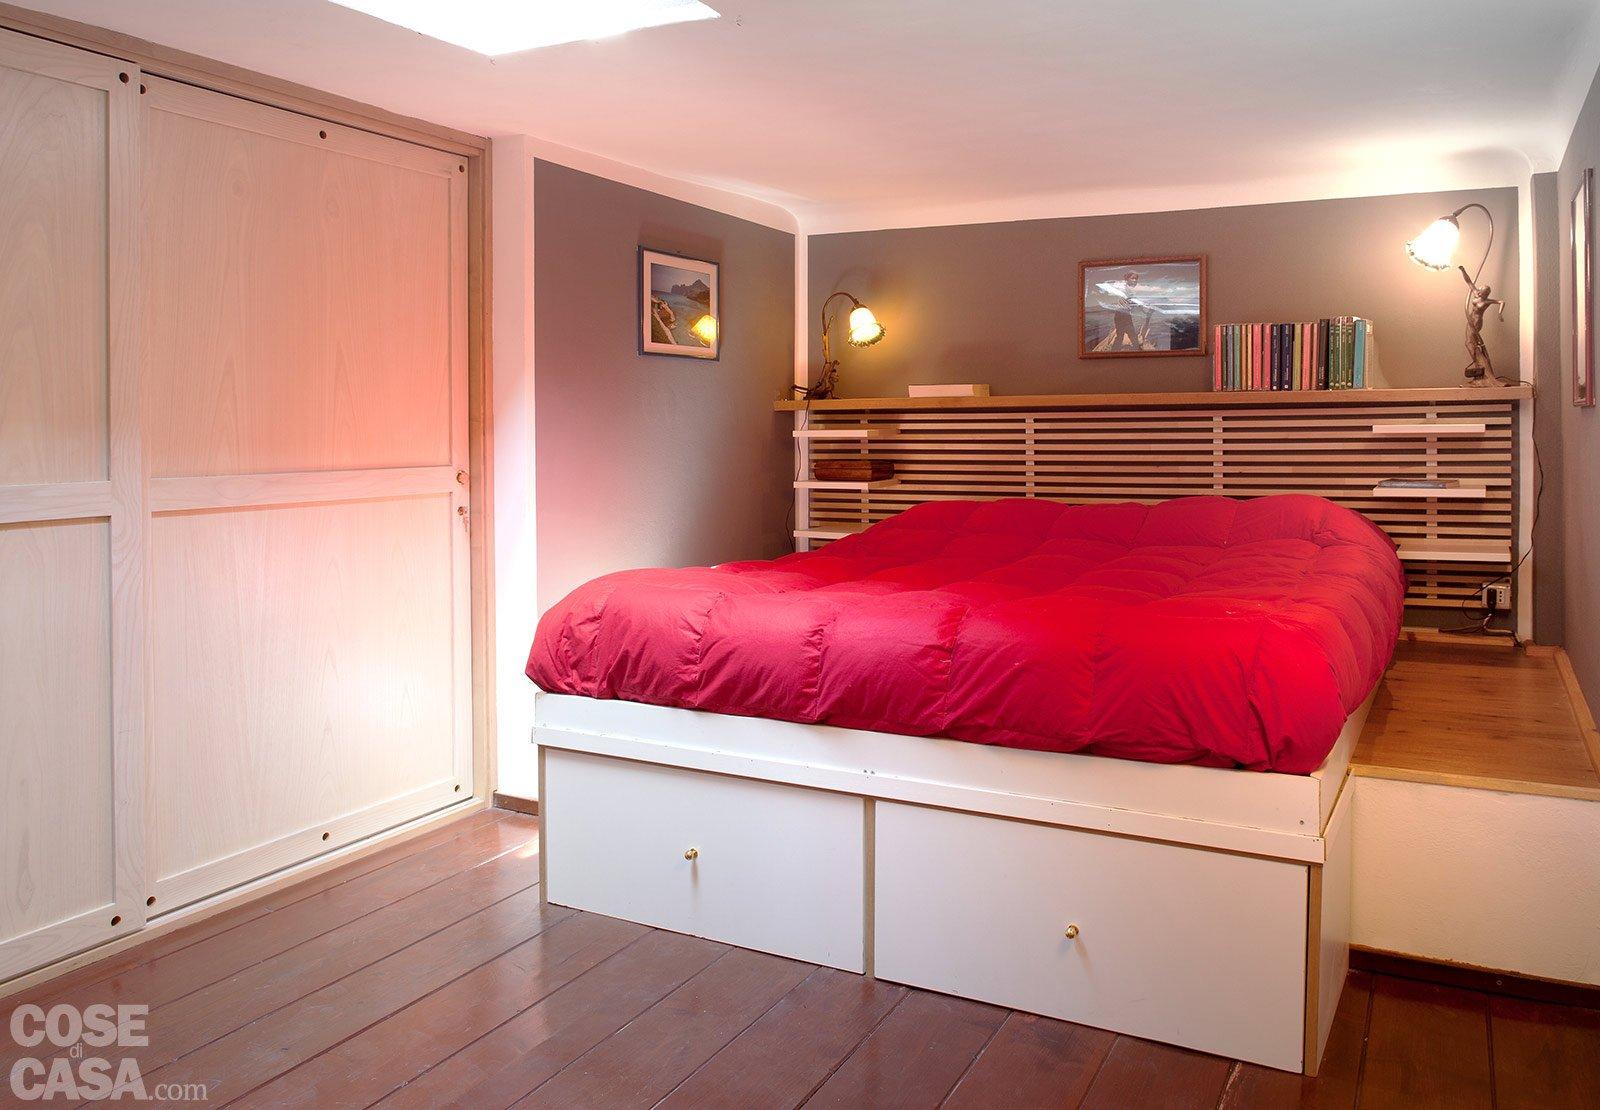 100+ [ pitturare pareti ] | idee pitture interni la migliore ... - Come Imbiancare La Camera Da Letto